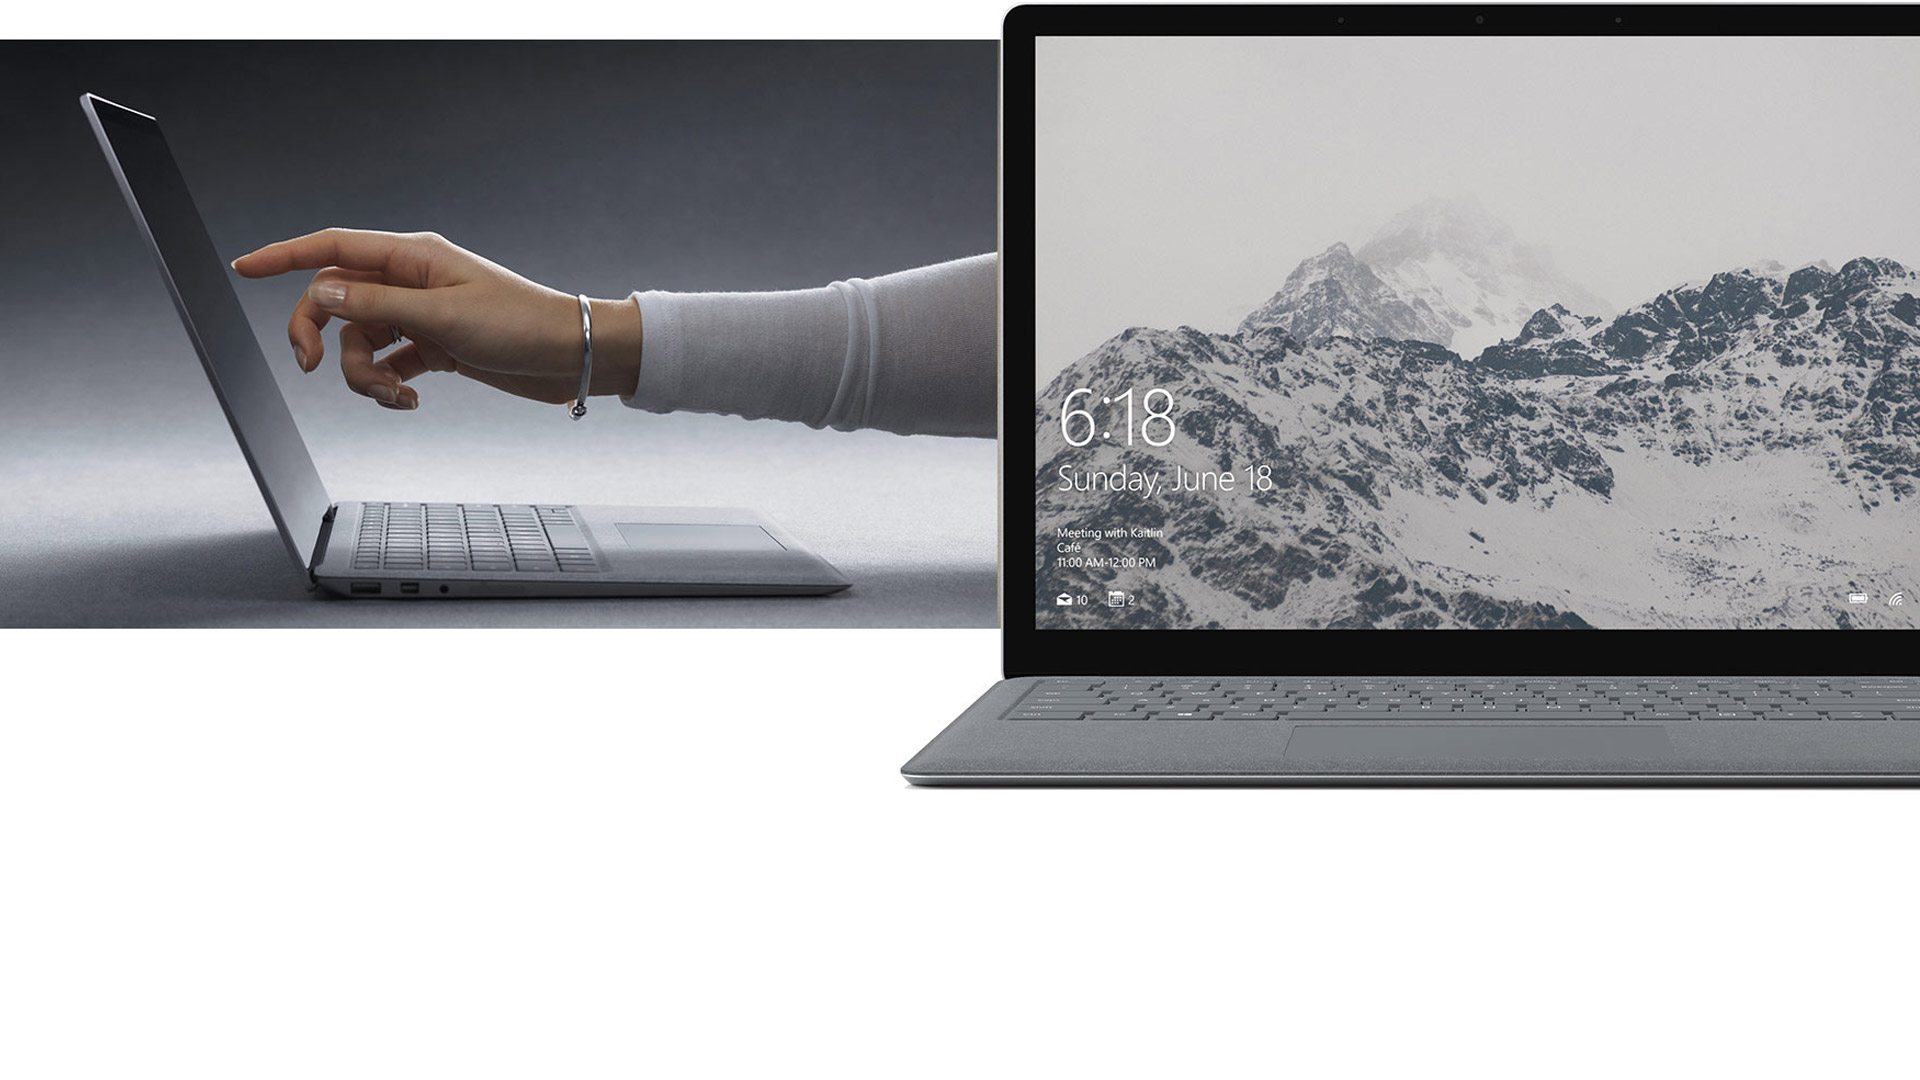 ผู้หญิงกำลังทำงานโดยใช้หน้าจอสัมผัสของ Surface Laptop